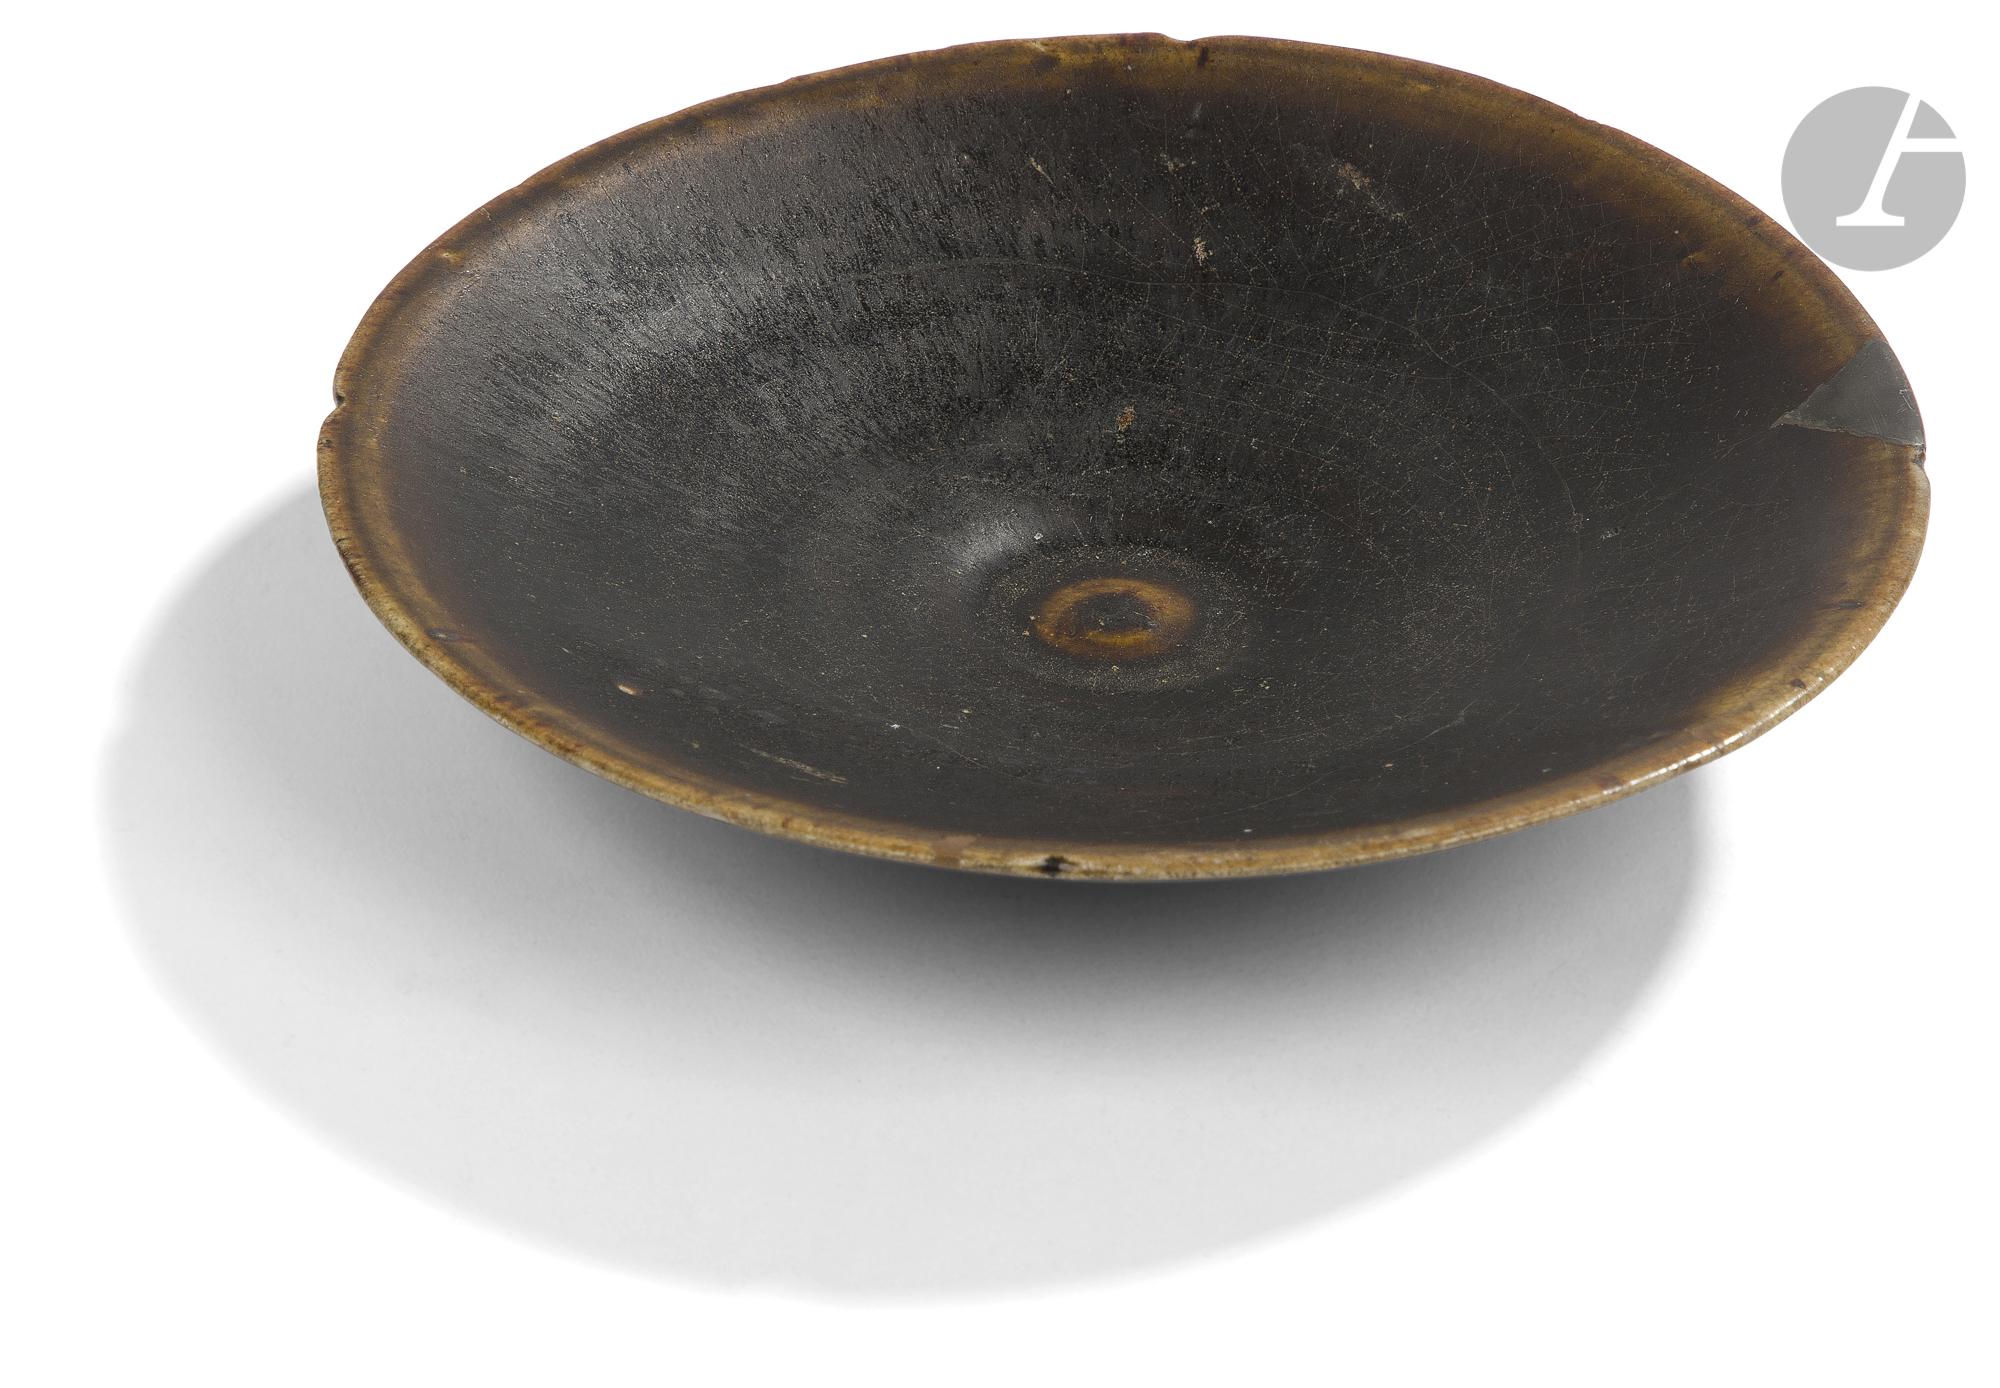 CHINE, Fours de Yaozhou - Époque SONG (960 - 1279) Bol en grès émaillé céladon craquelé à motif - Image 2 of 3